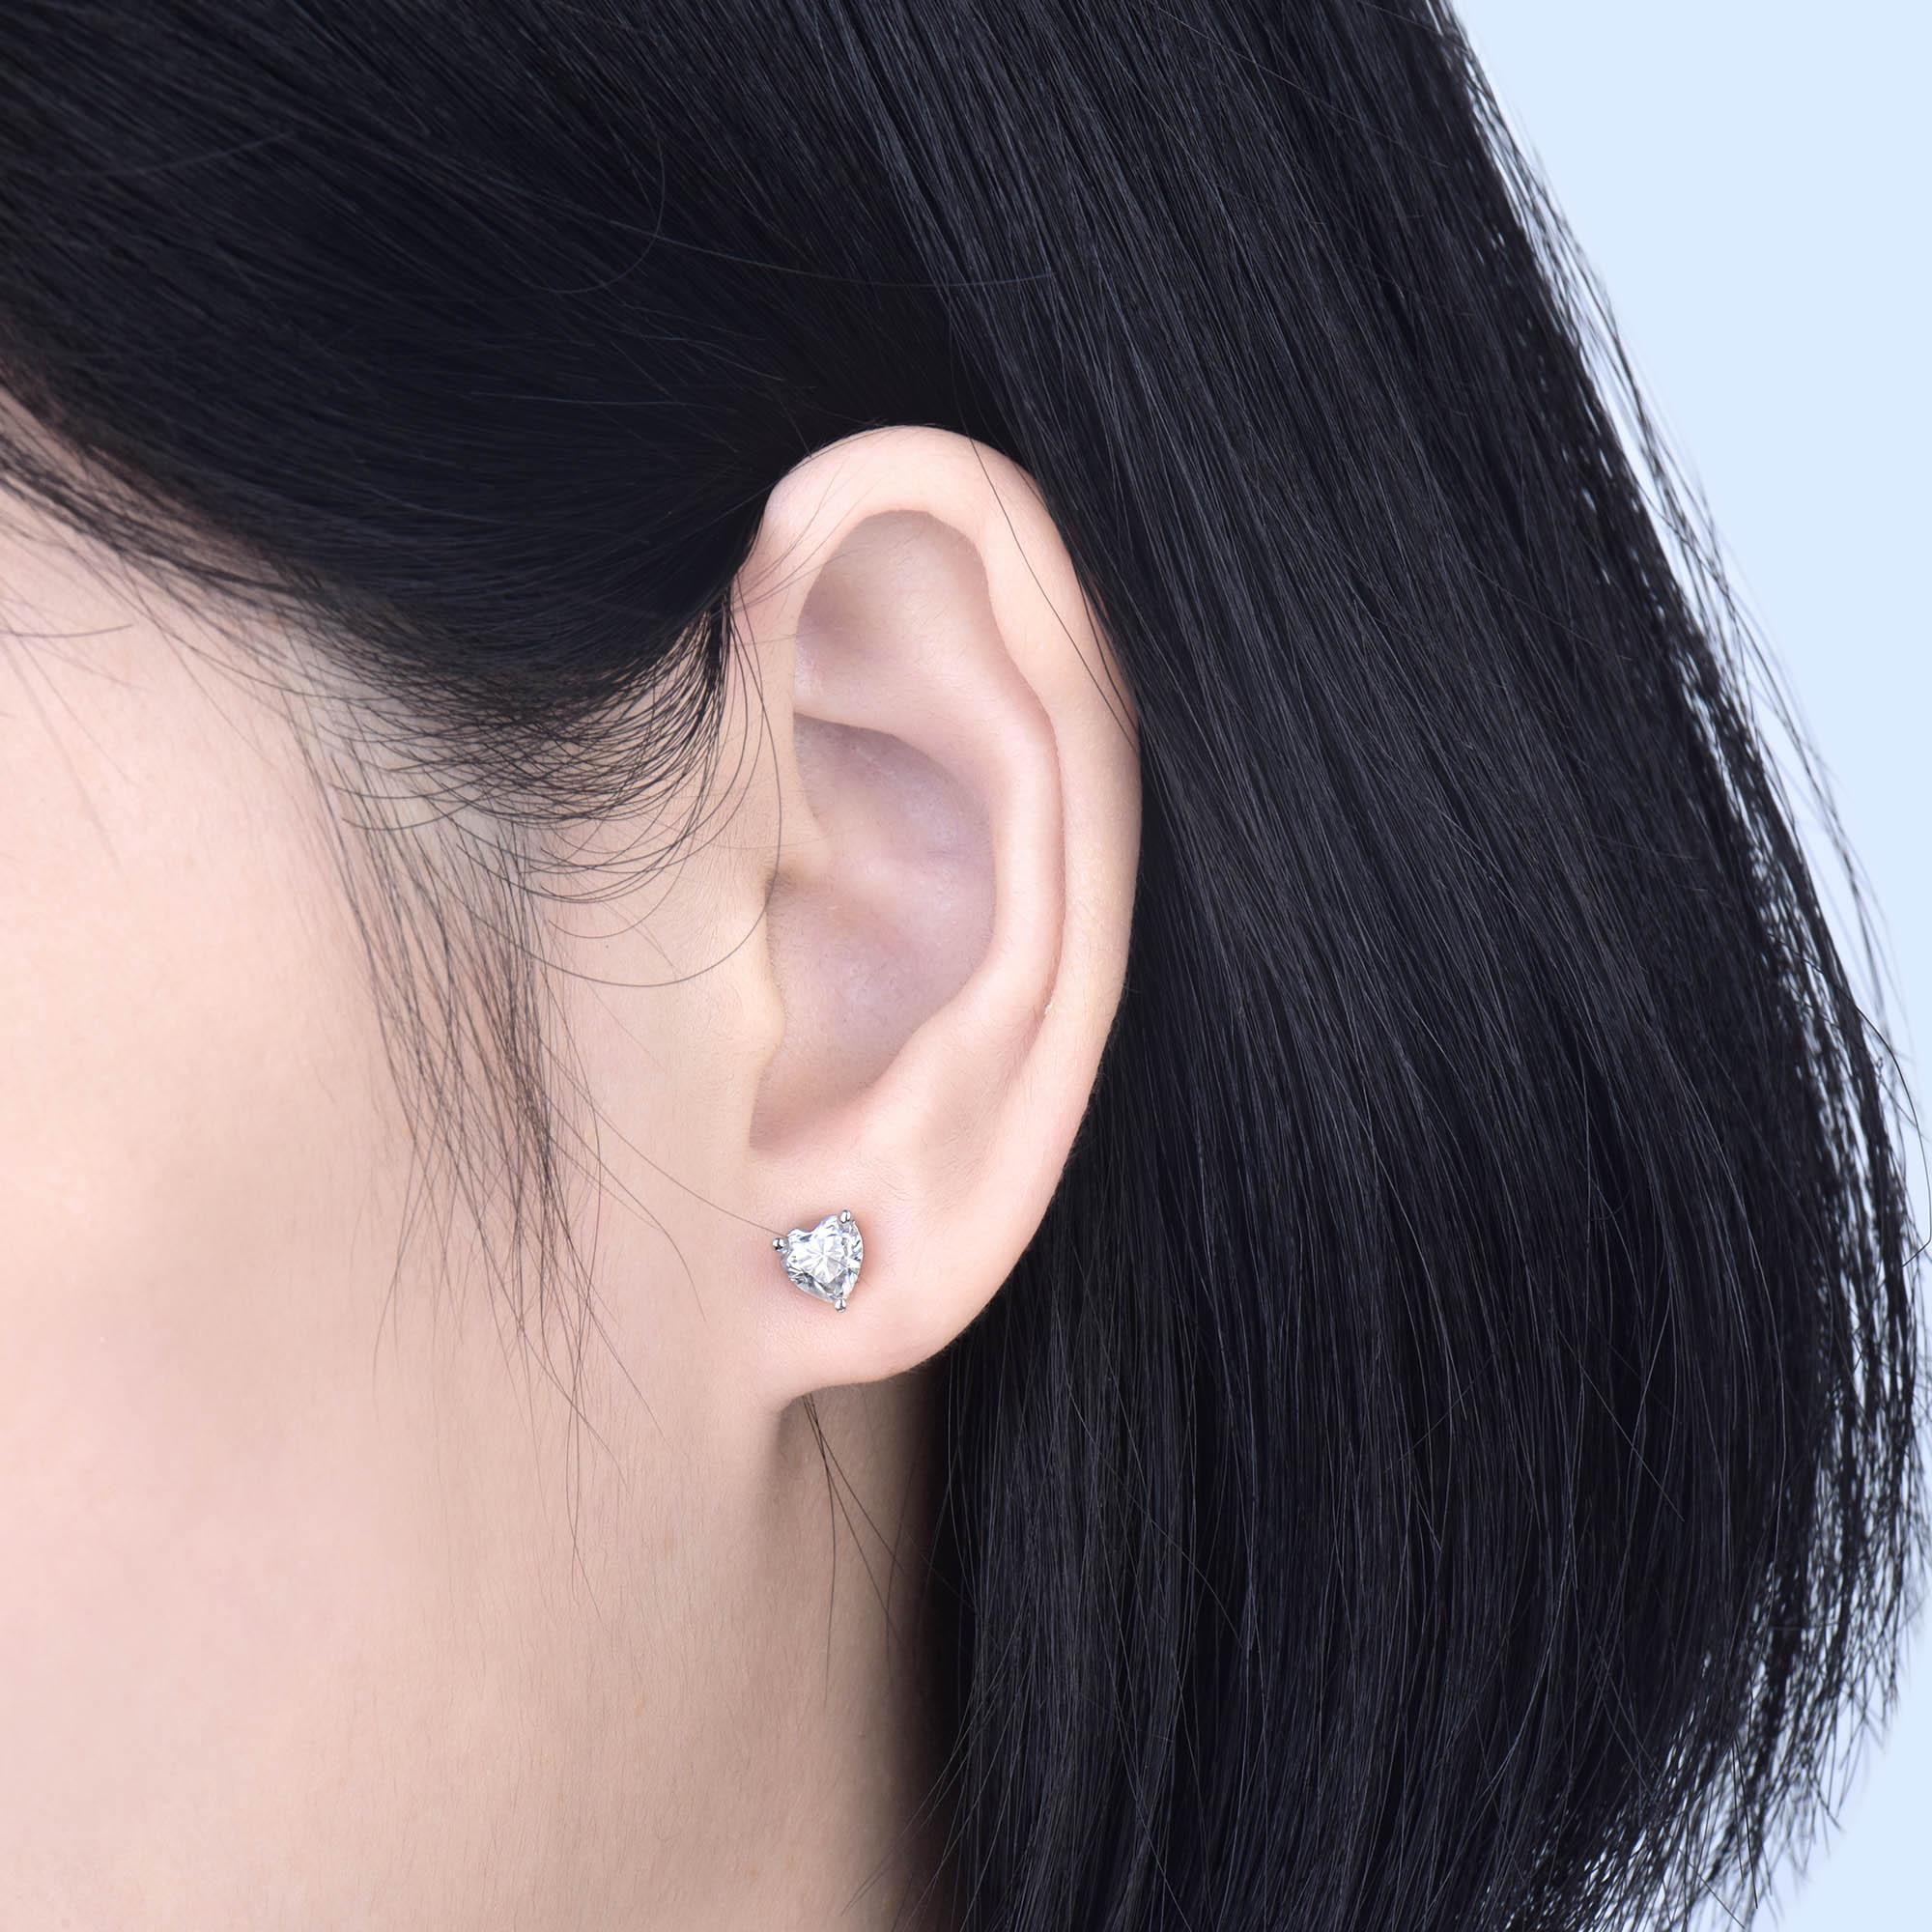 Femmes Moissanite boucles d'oreilles goujon solide 14K or blanc 1ct 2ct coeur brillant Moissanite pour Layd fiançailles OL Style bijoux de mode - 6